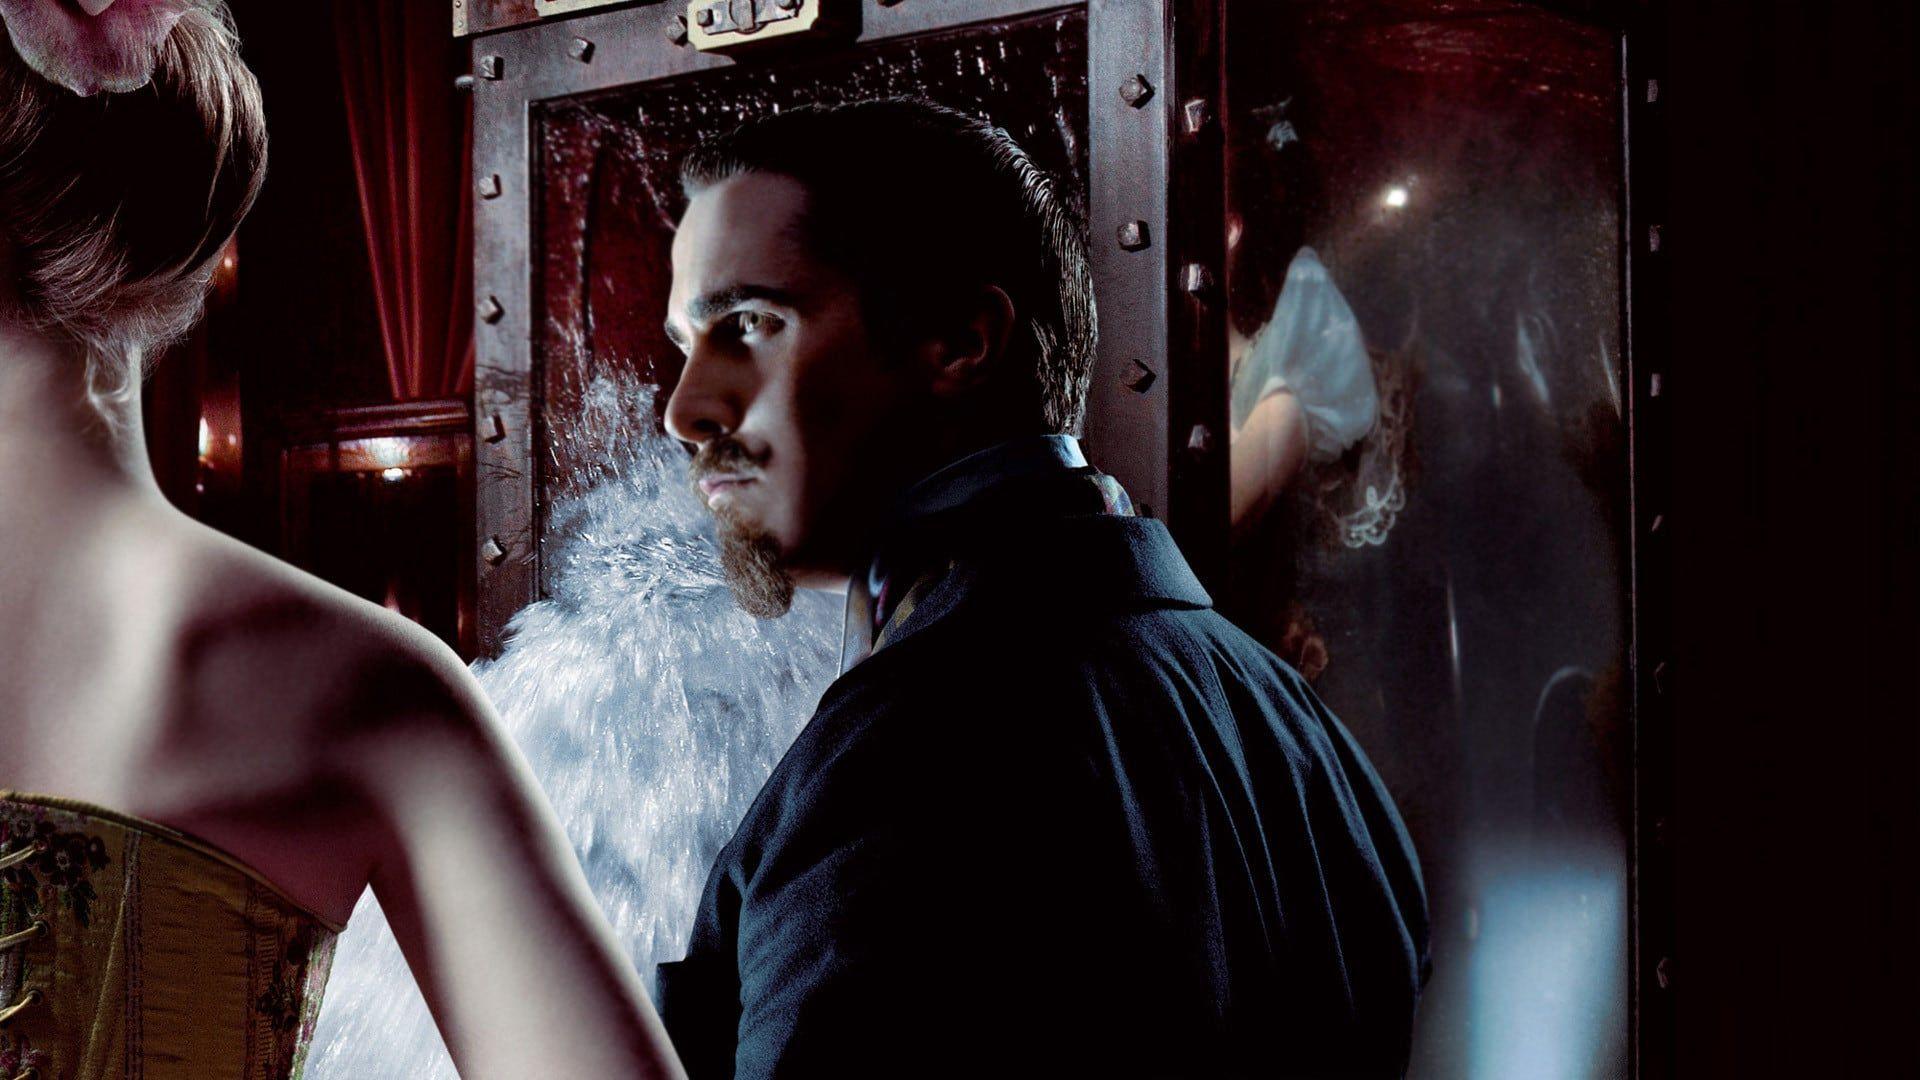 A Tokeletes Trukk 2006 Online Teljes Film Filmek Magyarul Letoltes Hd A Buveszek A Mult Szazadfordulo Londonjanak Legnag The Prestige The Prestige Movie Movies